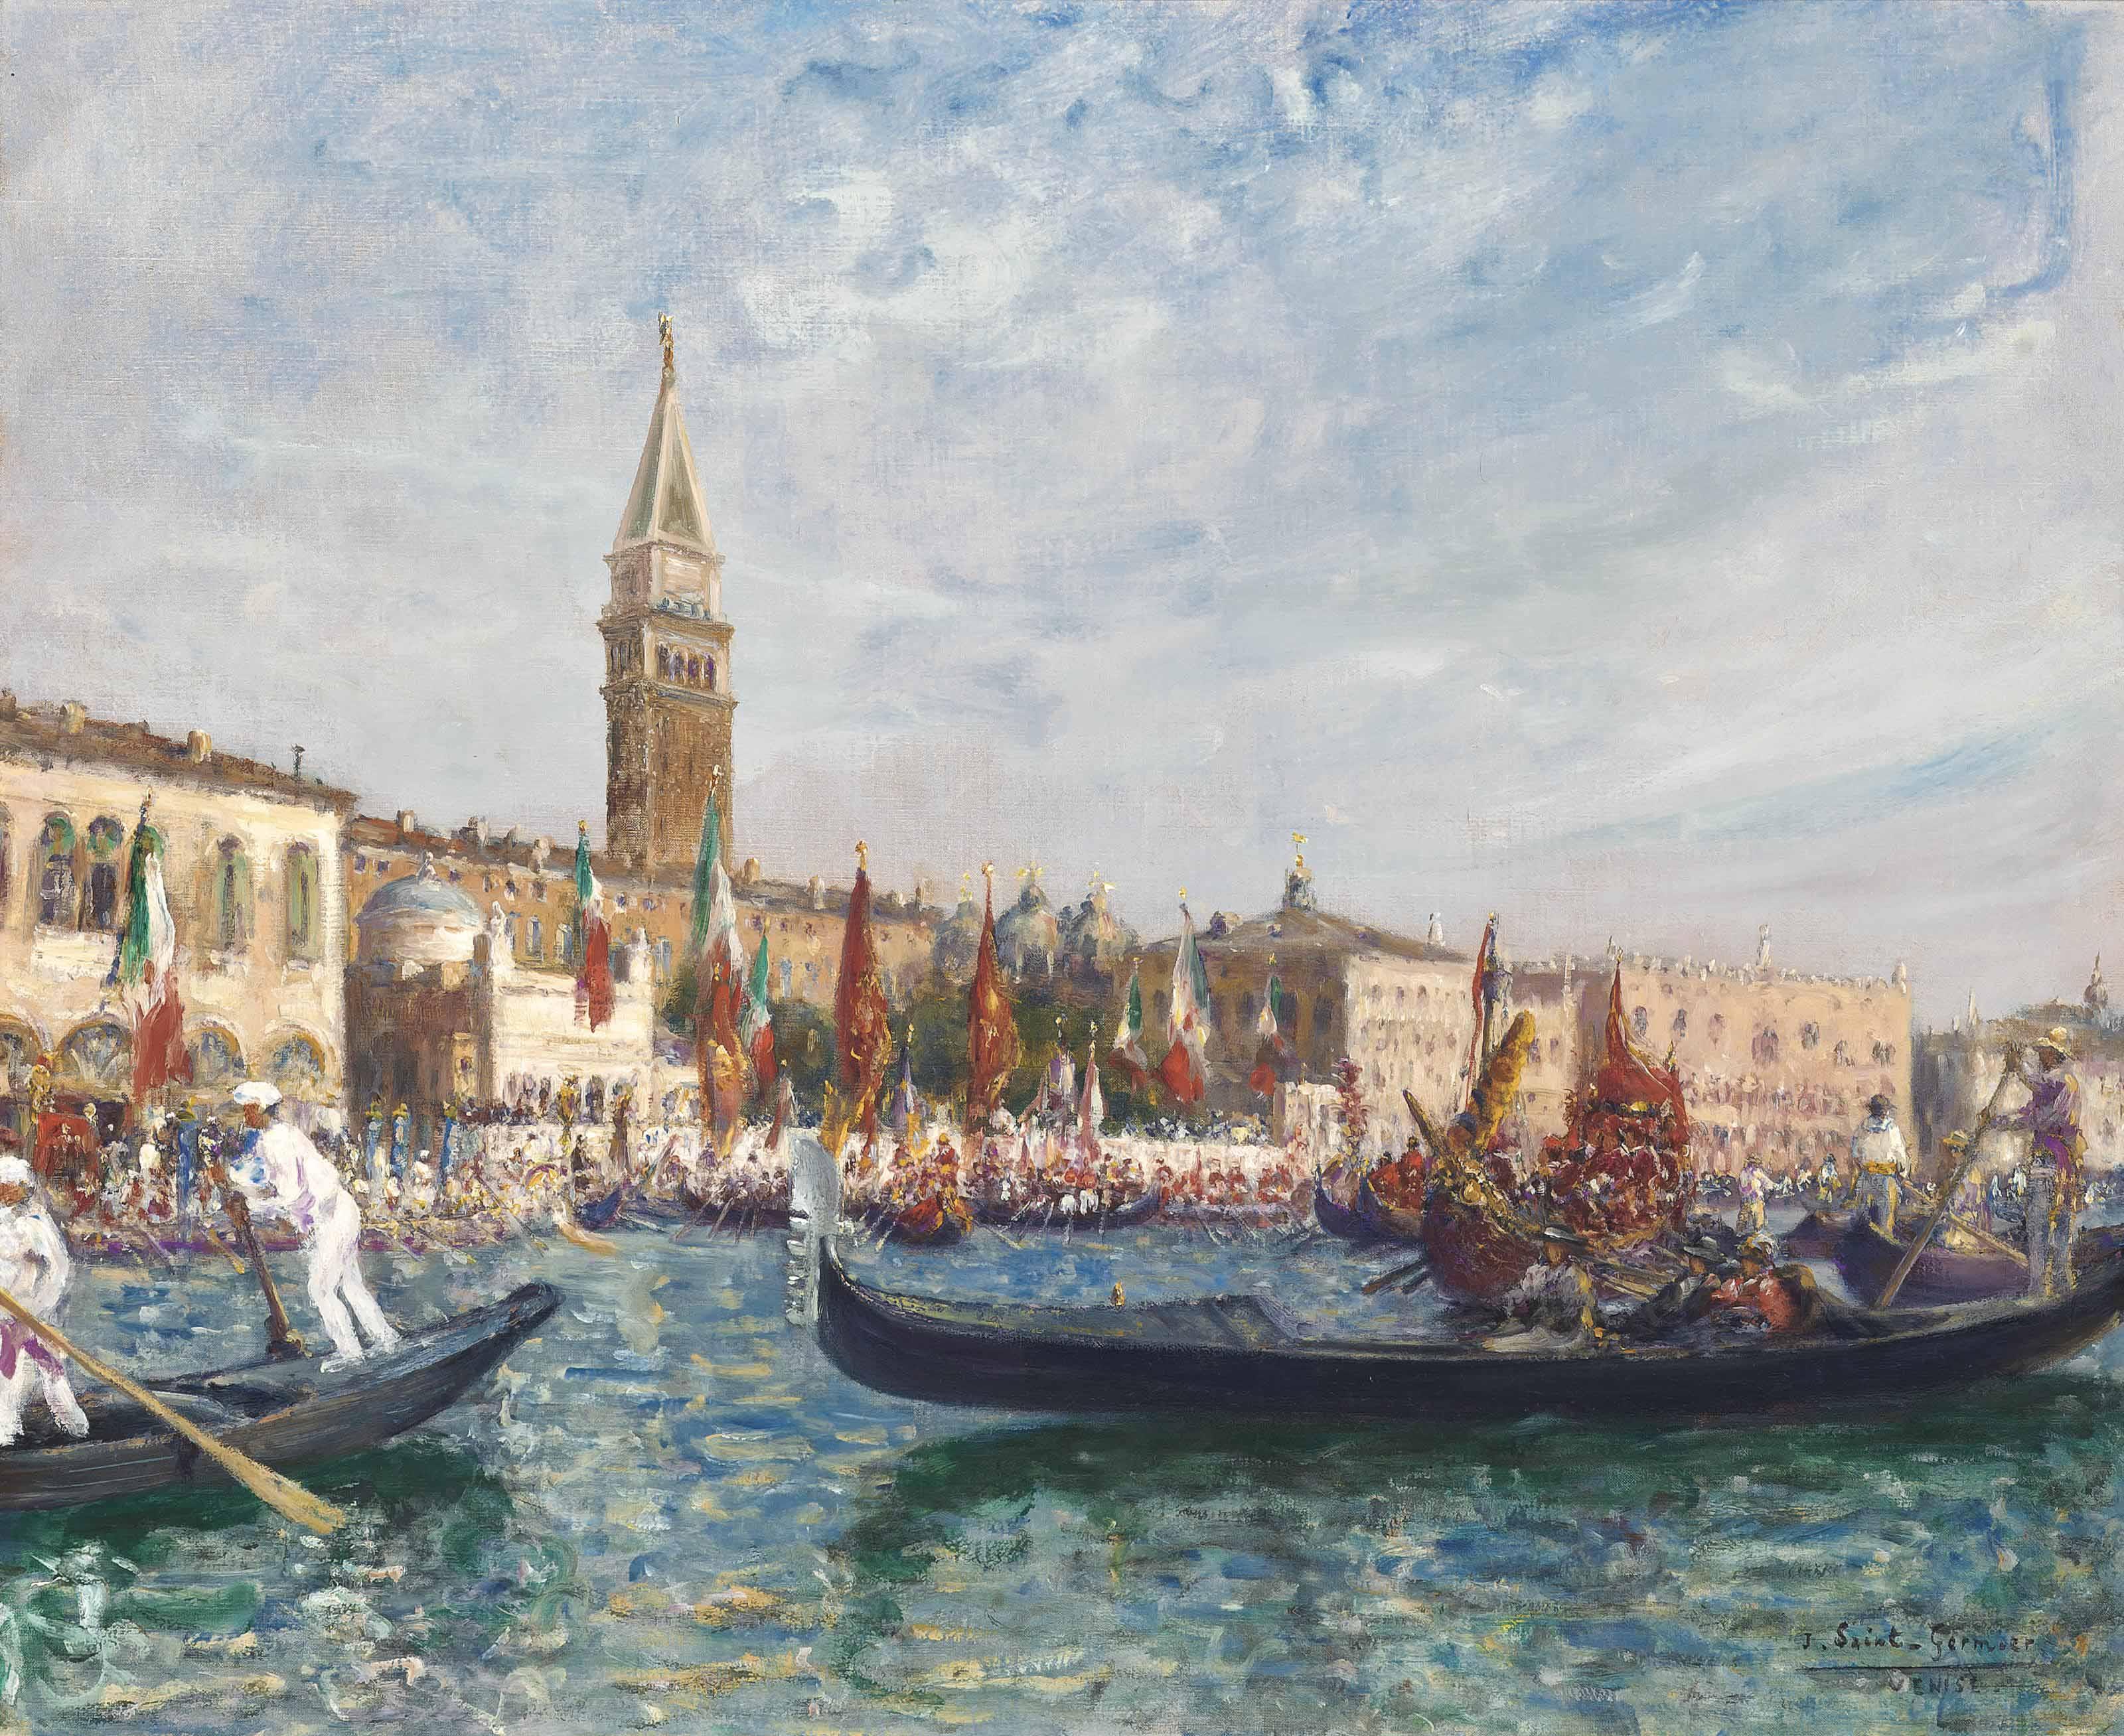 La fête de l'Adriatique à Venise